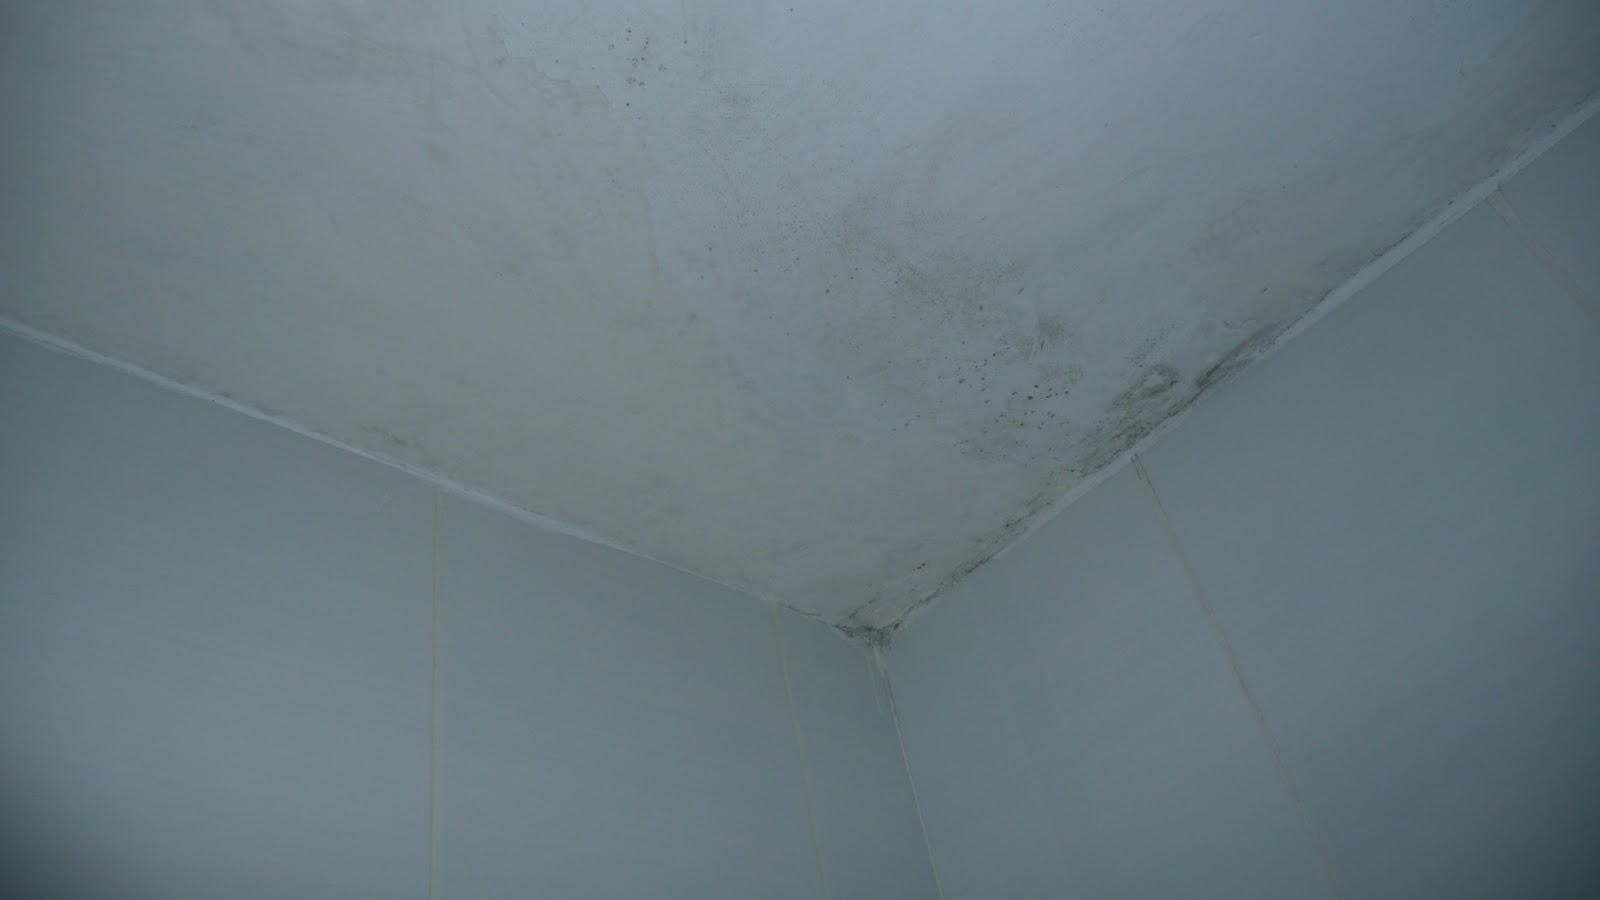 De rehabilitaci n i t e s y otras cuestiones humedad por - Humedad por condensacion en paredes ...